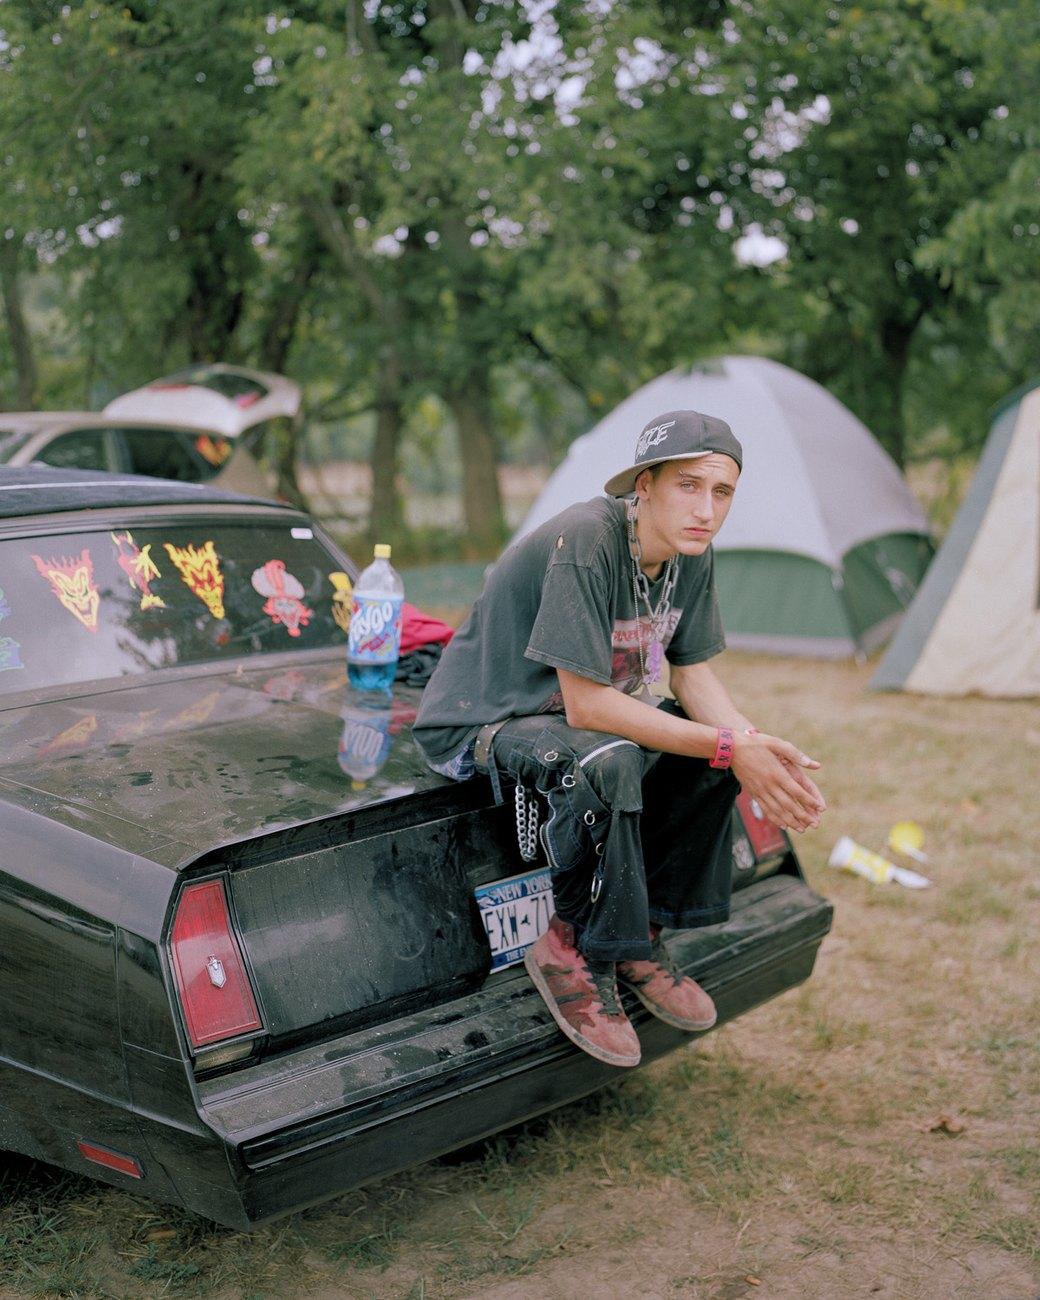 Клоуны на выезде: Фоторепортаж с ежегодного фестиваля джаггало в Иллинойсе. Изображение № 9.